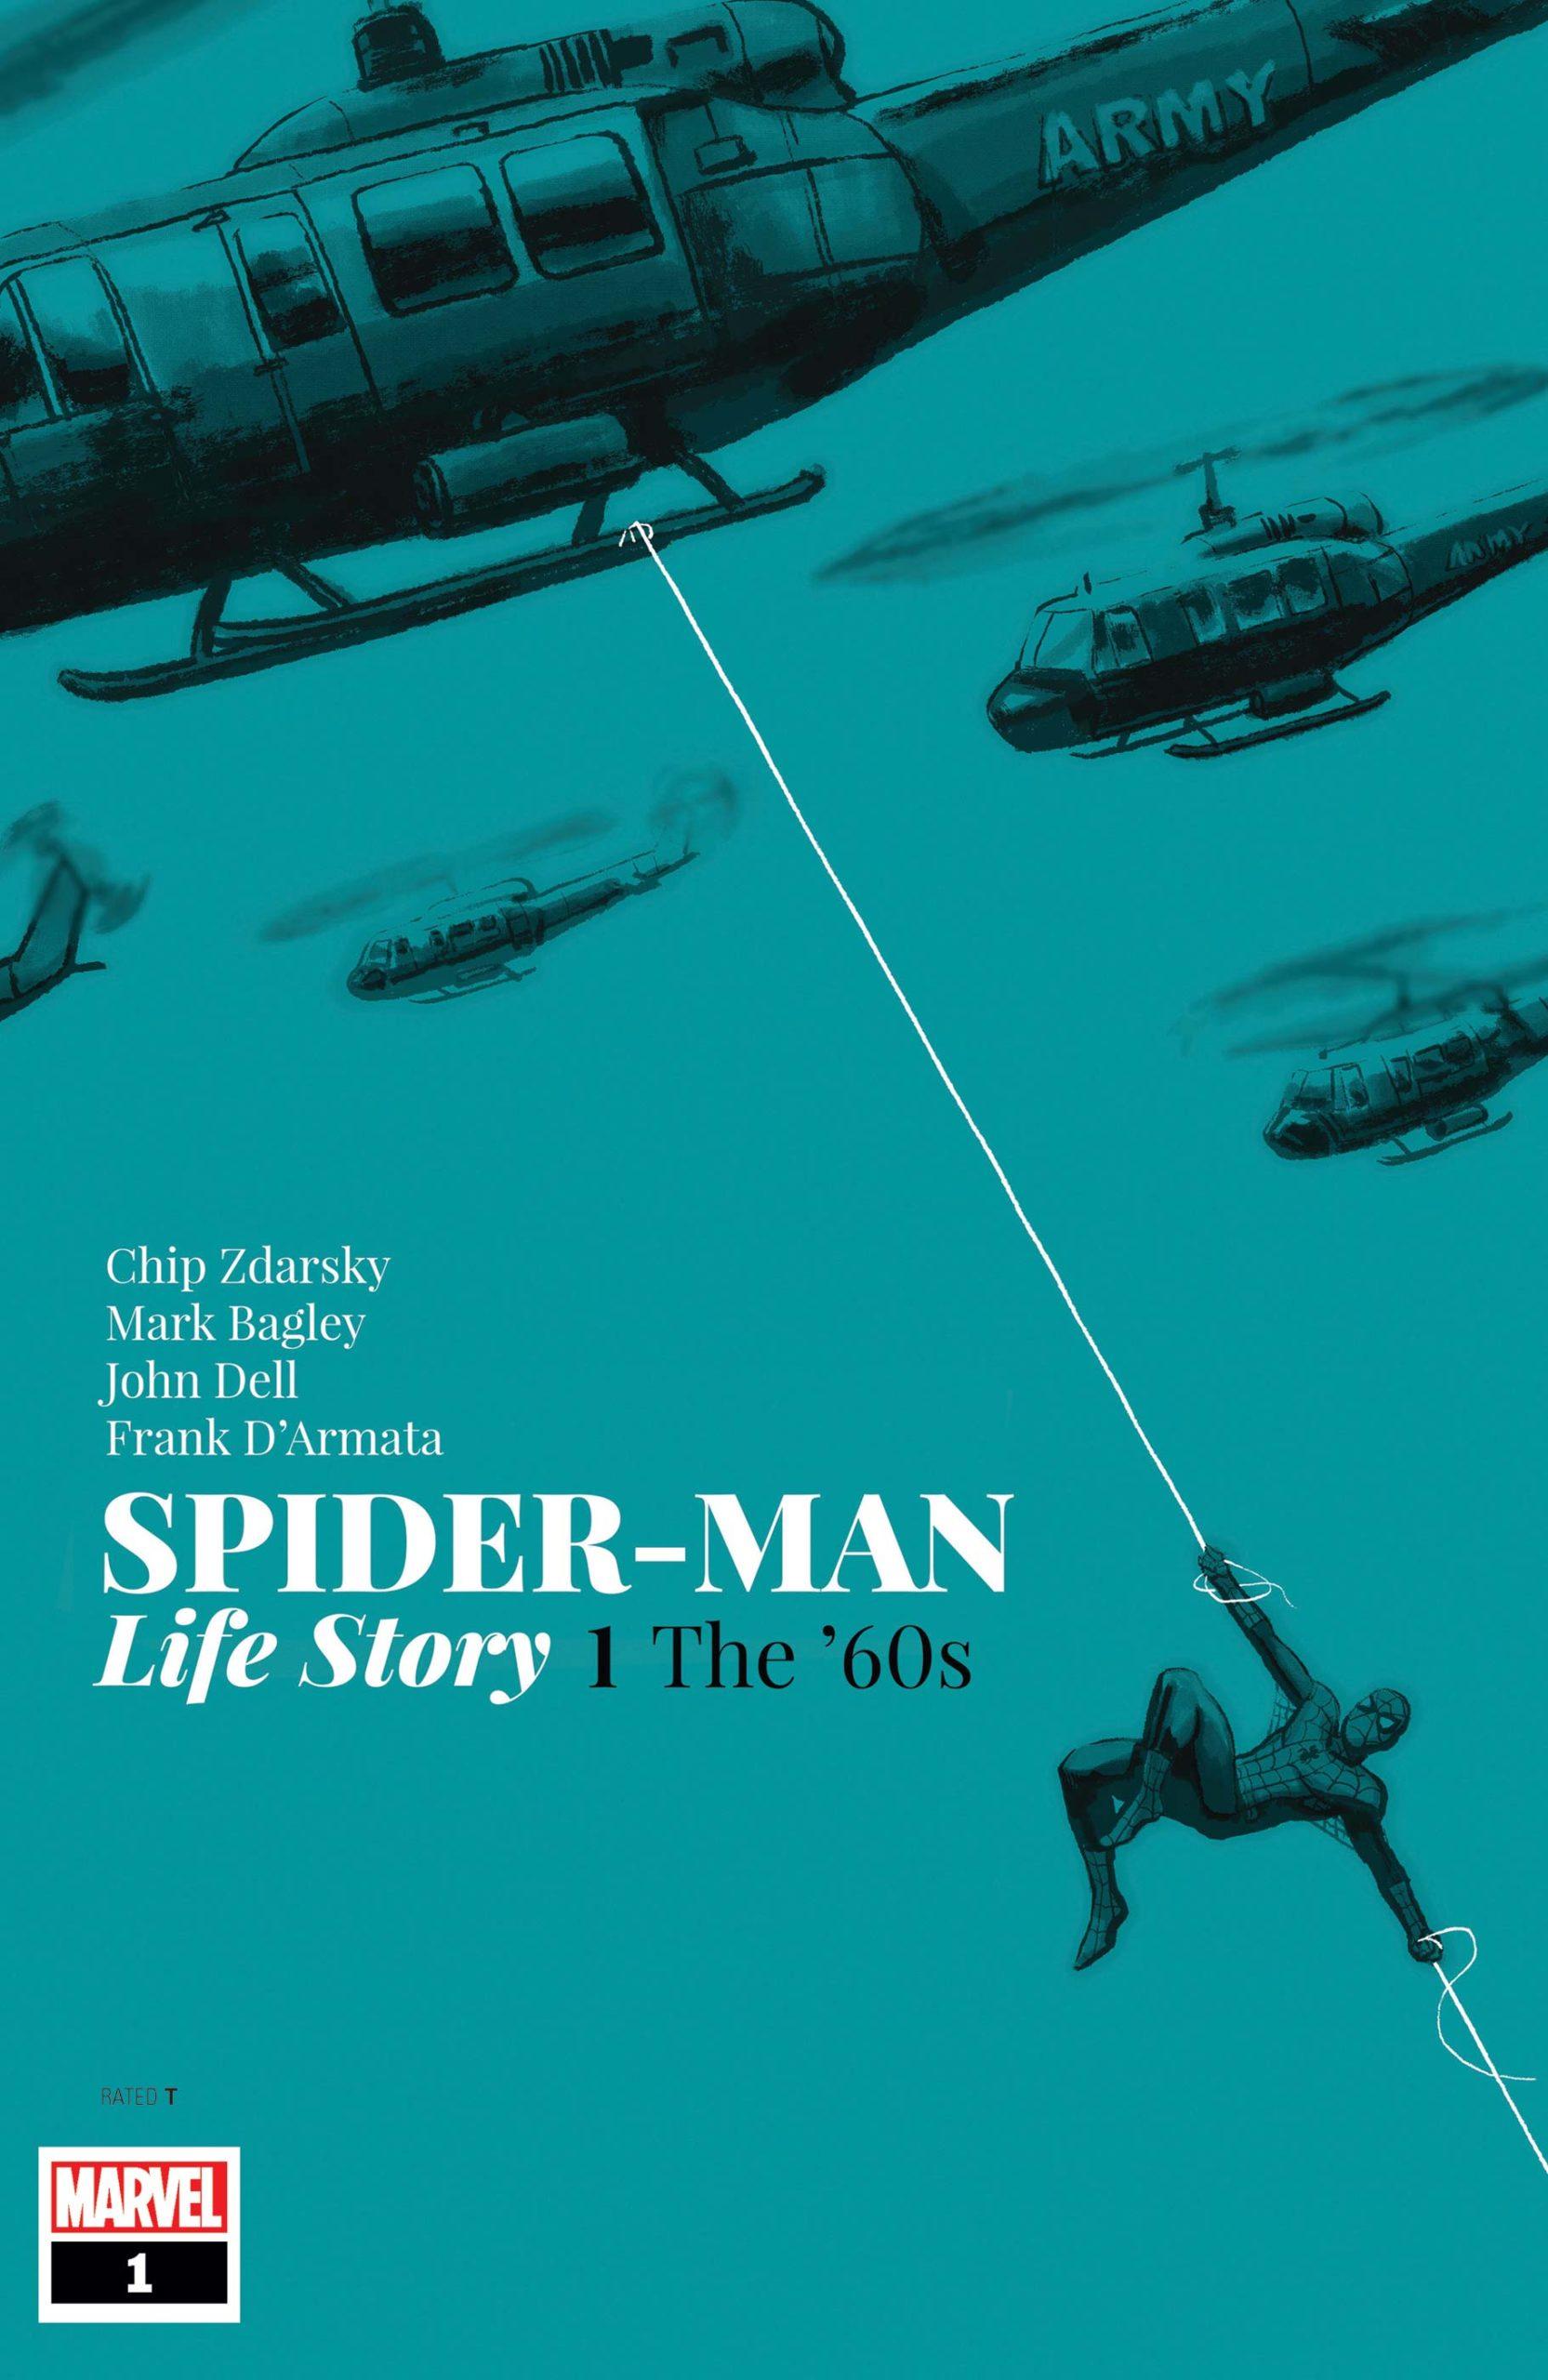 Homem-Aranha História de Vida Resenha 03